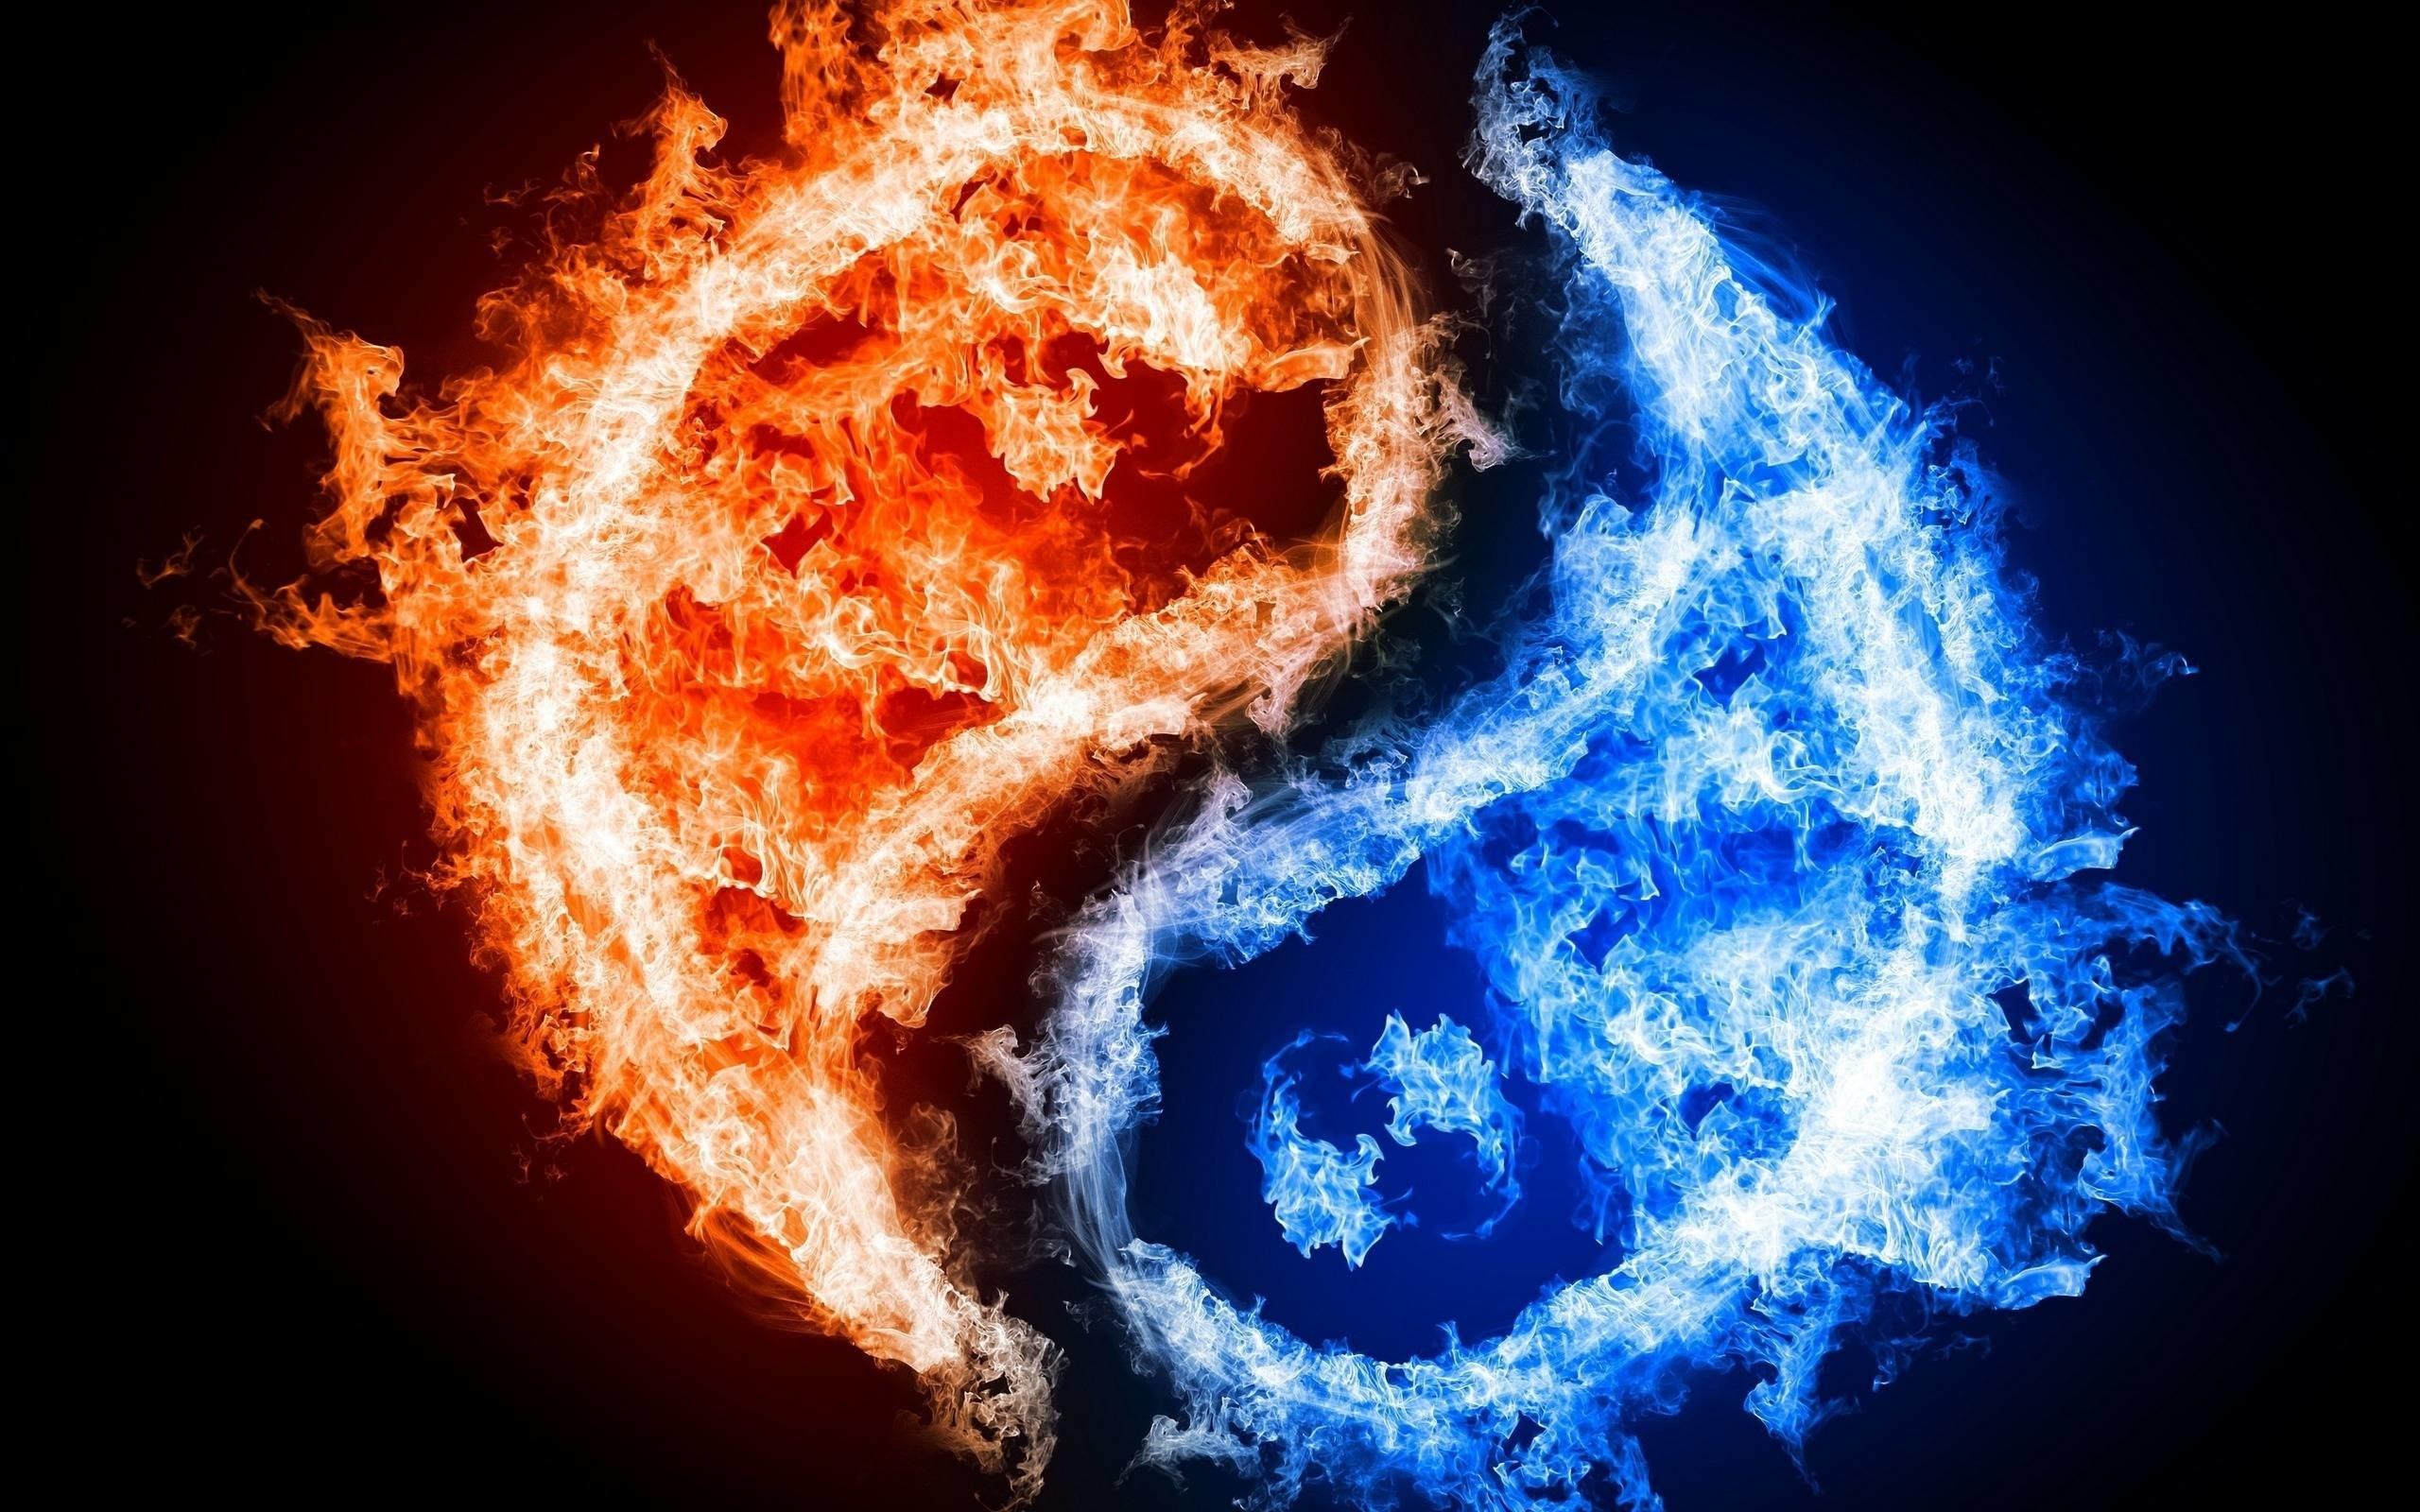 blue fire skull wallpaper 58+ - xshyfc